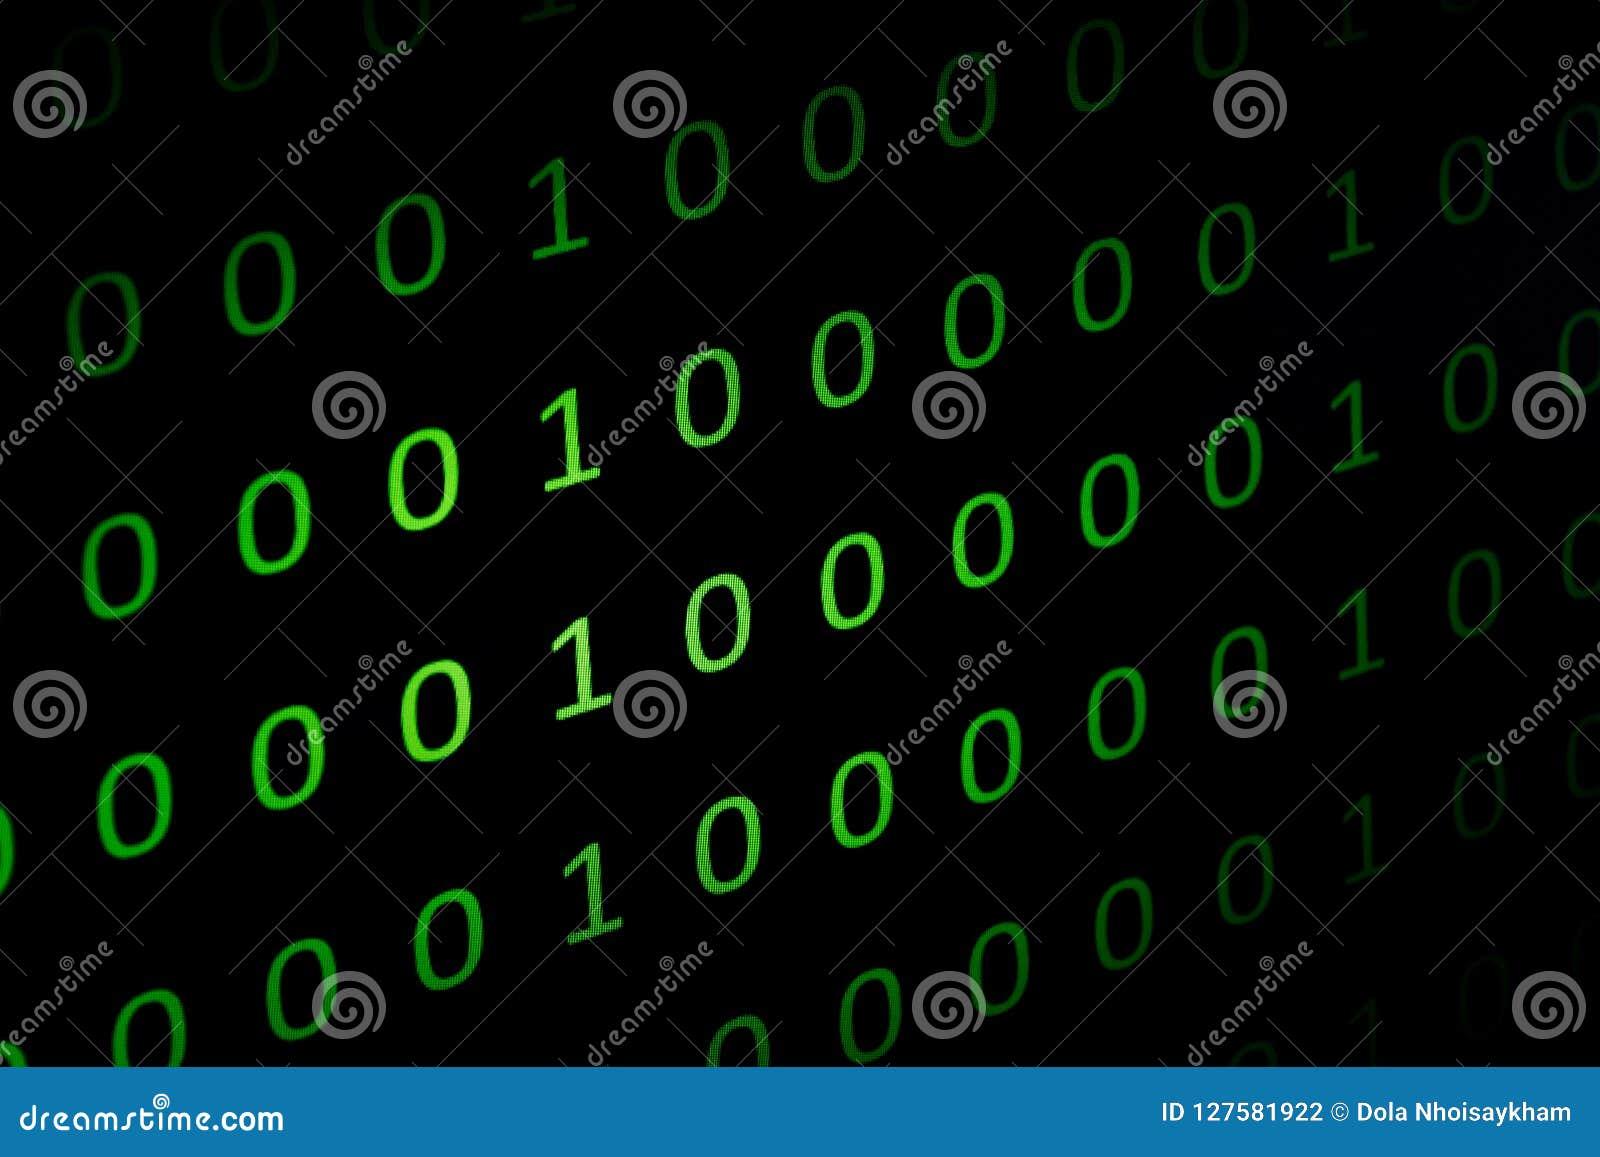 Численные непрерывные, данные по abctract в бинарном коде, дают валку технологии